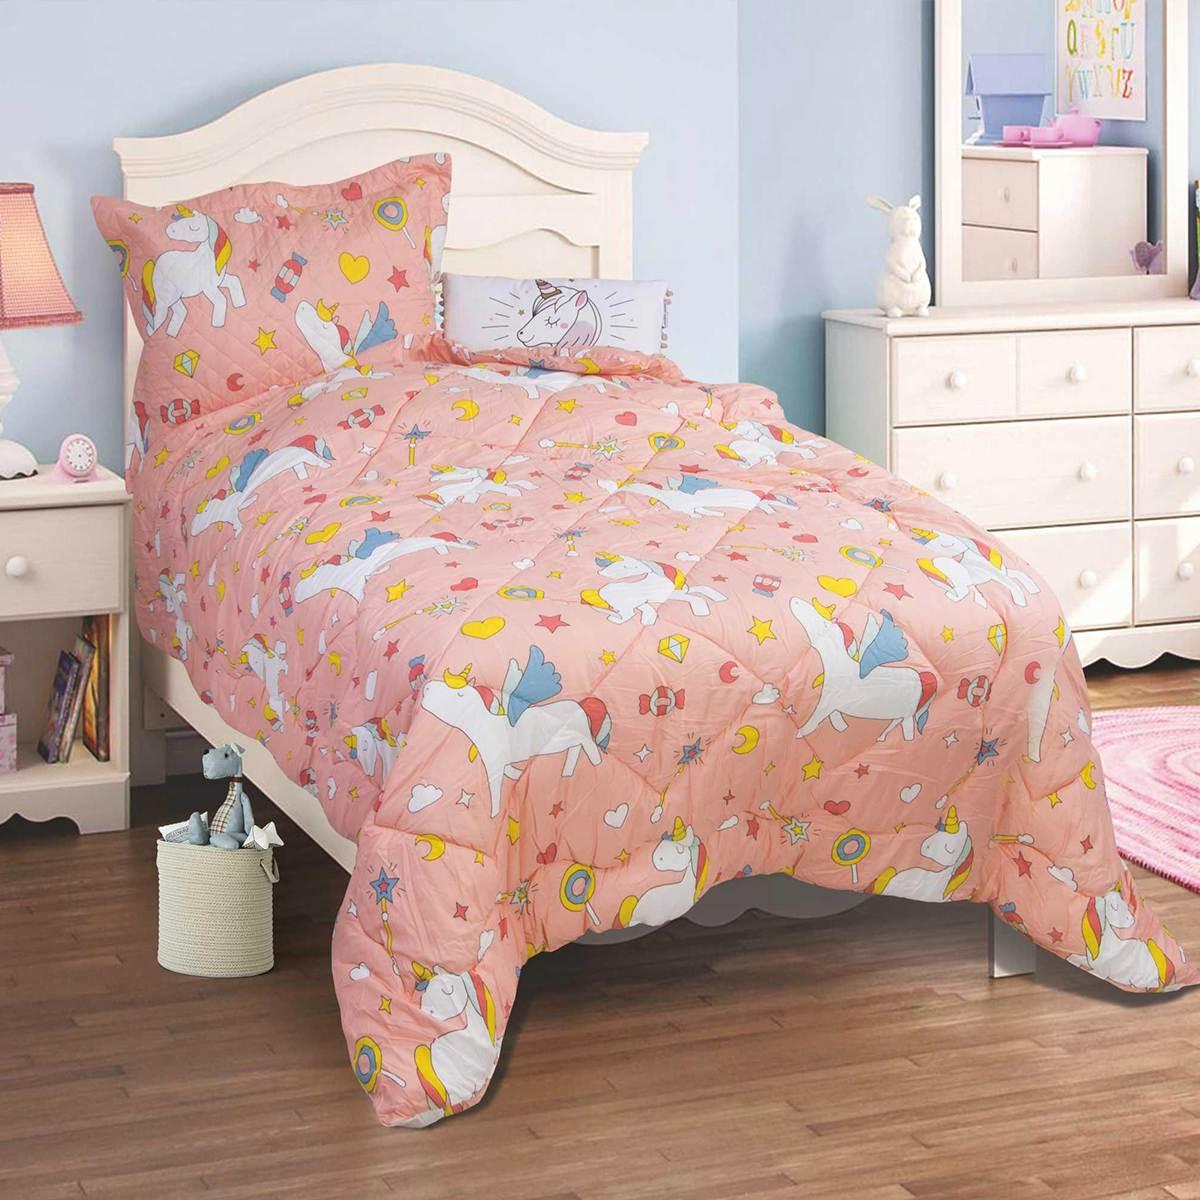 ΠΑΙΔΙΚΑ  Πάπλωμα Σετ Παιδικό Μονό (160x220cm) Flamingo Unicorn 826fd2c5488